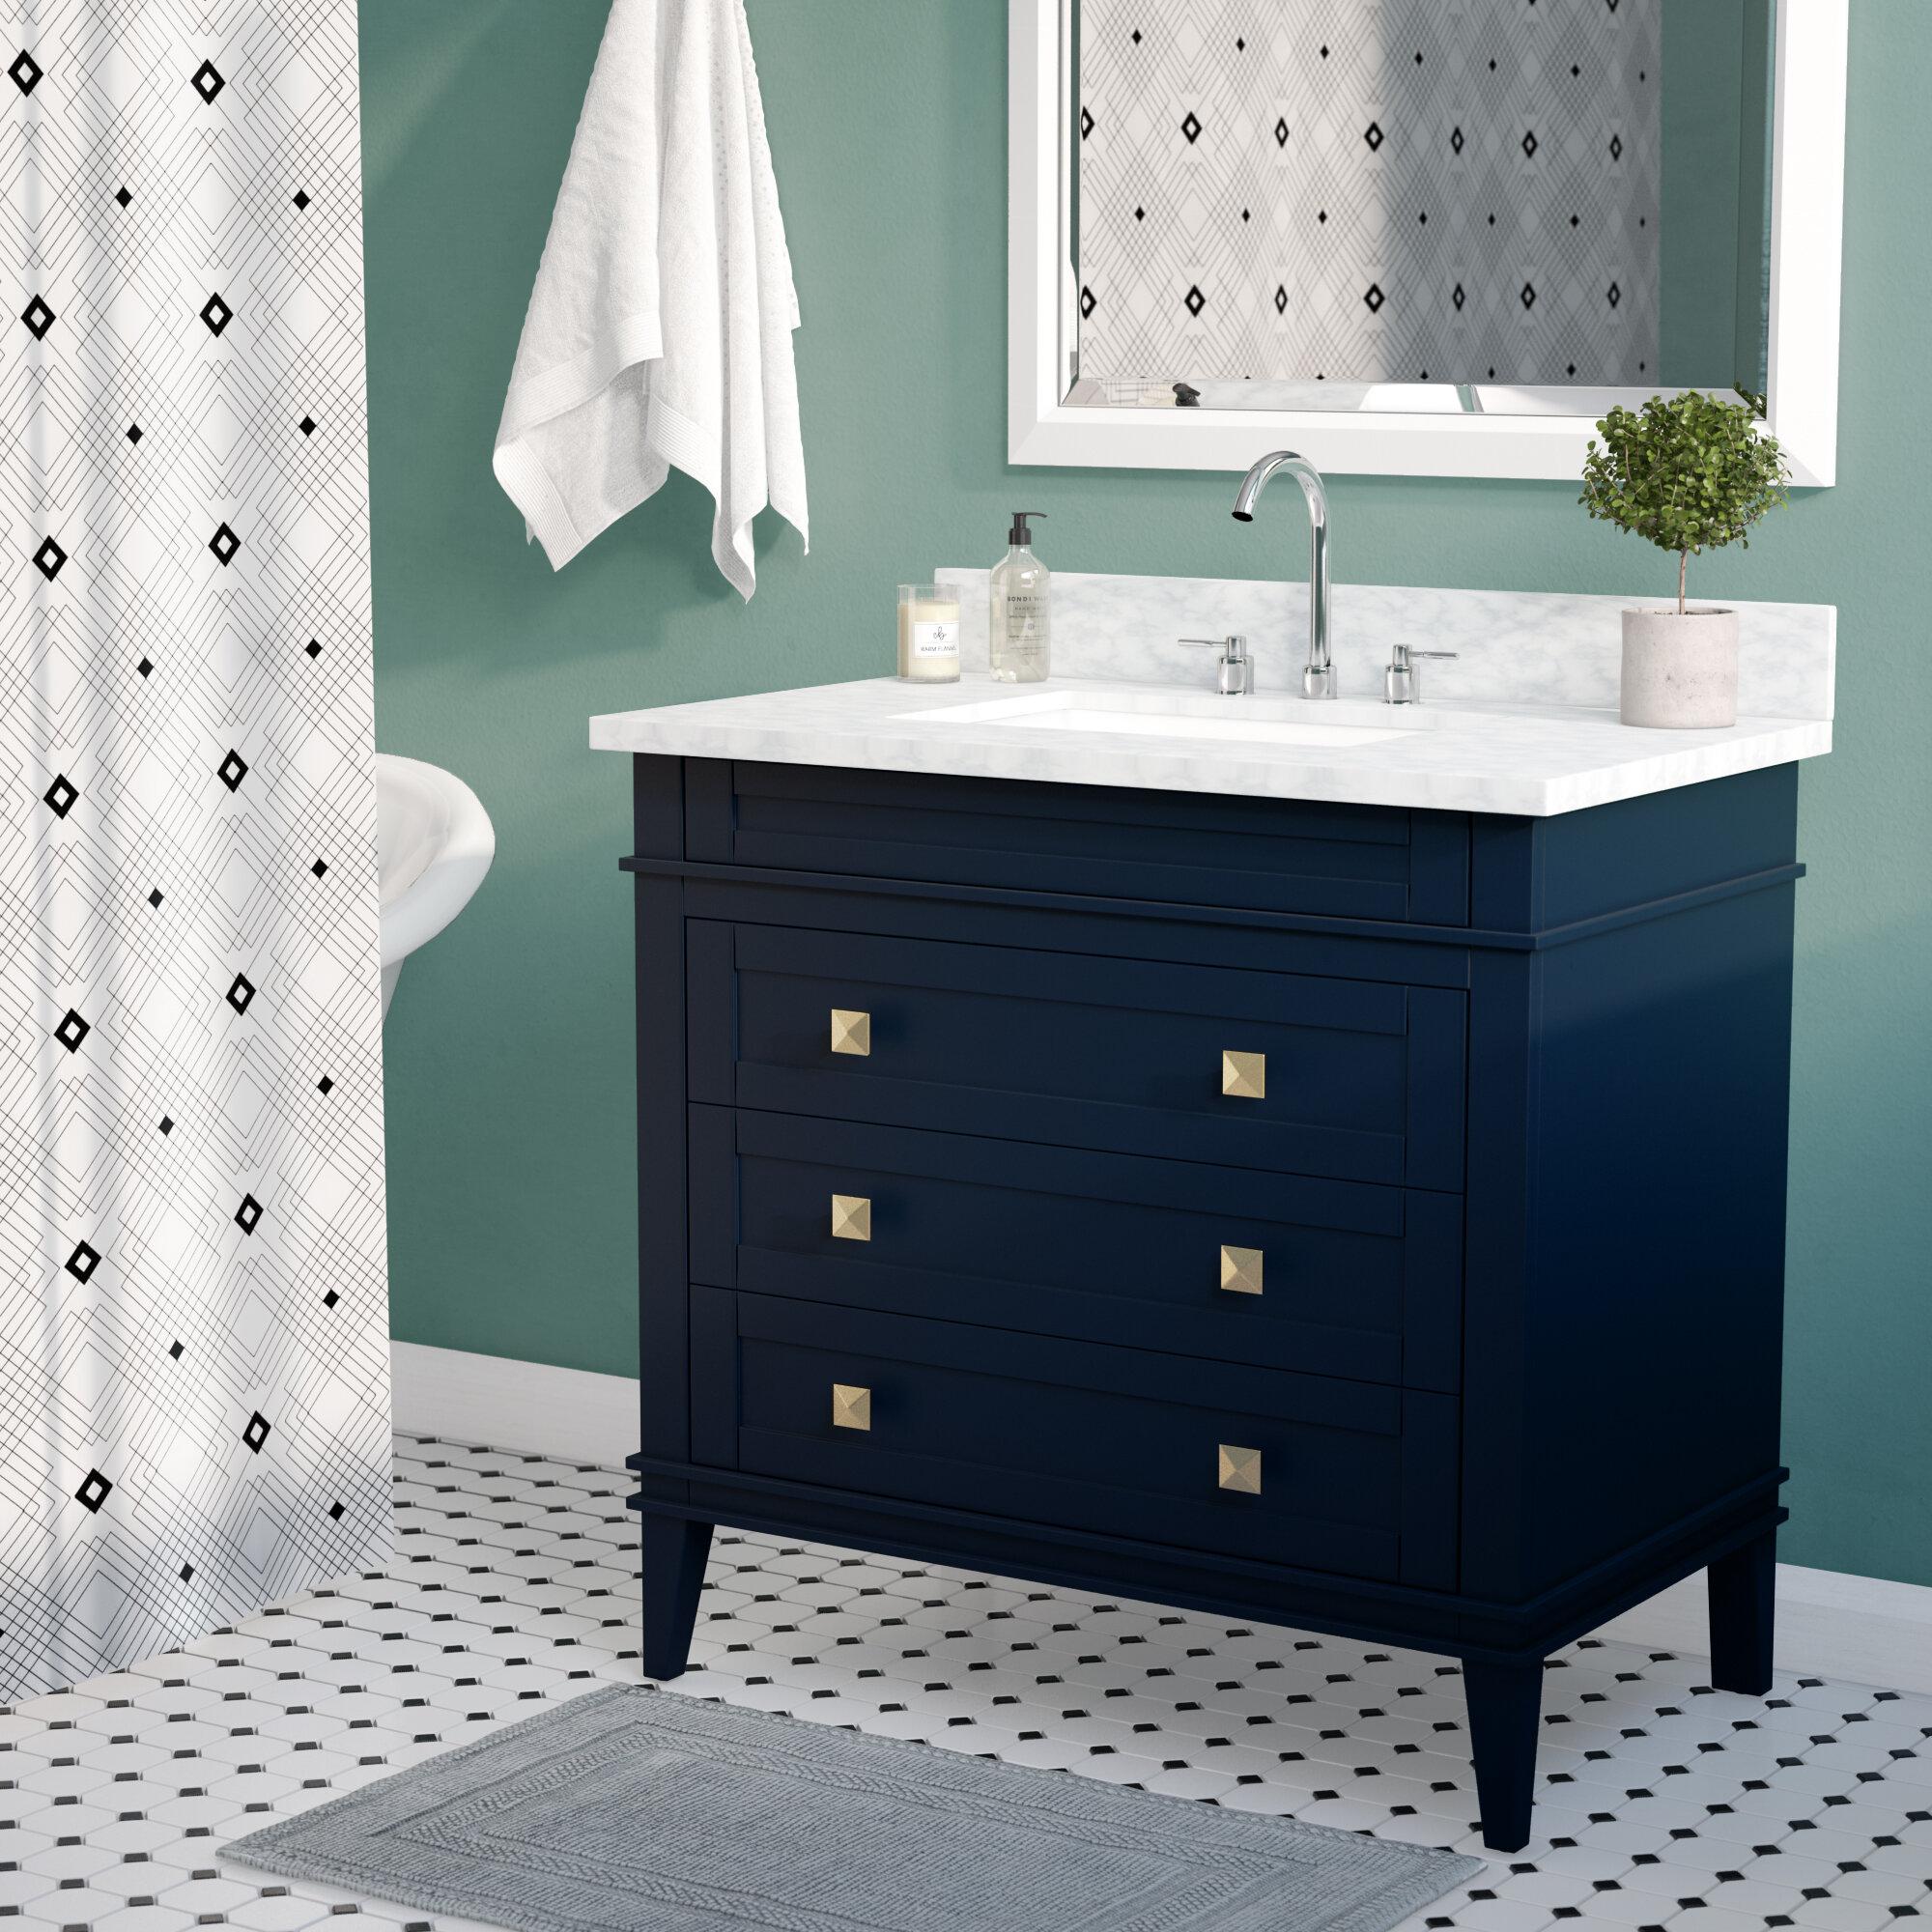 Wrought Studio Cy 36 Single Bathroom Vanity Set Reviews Wayfair